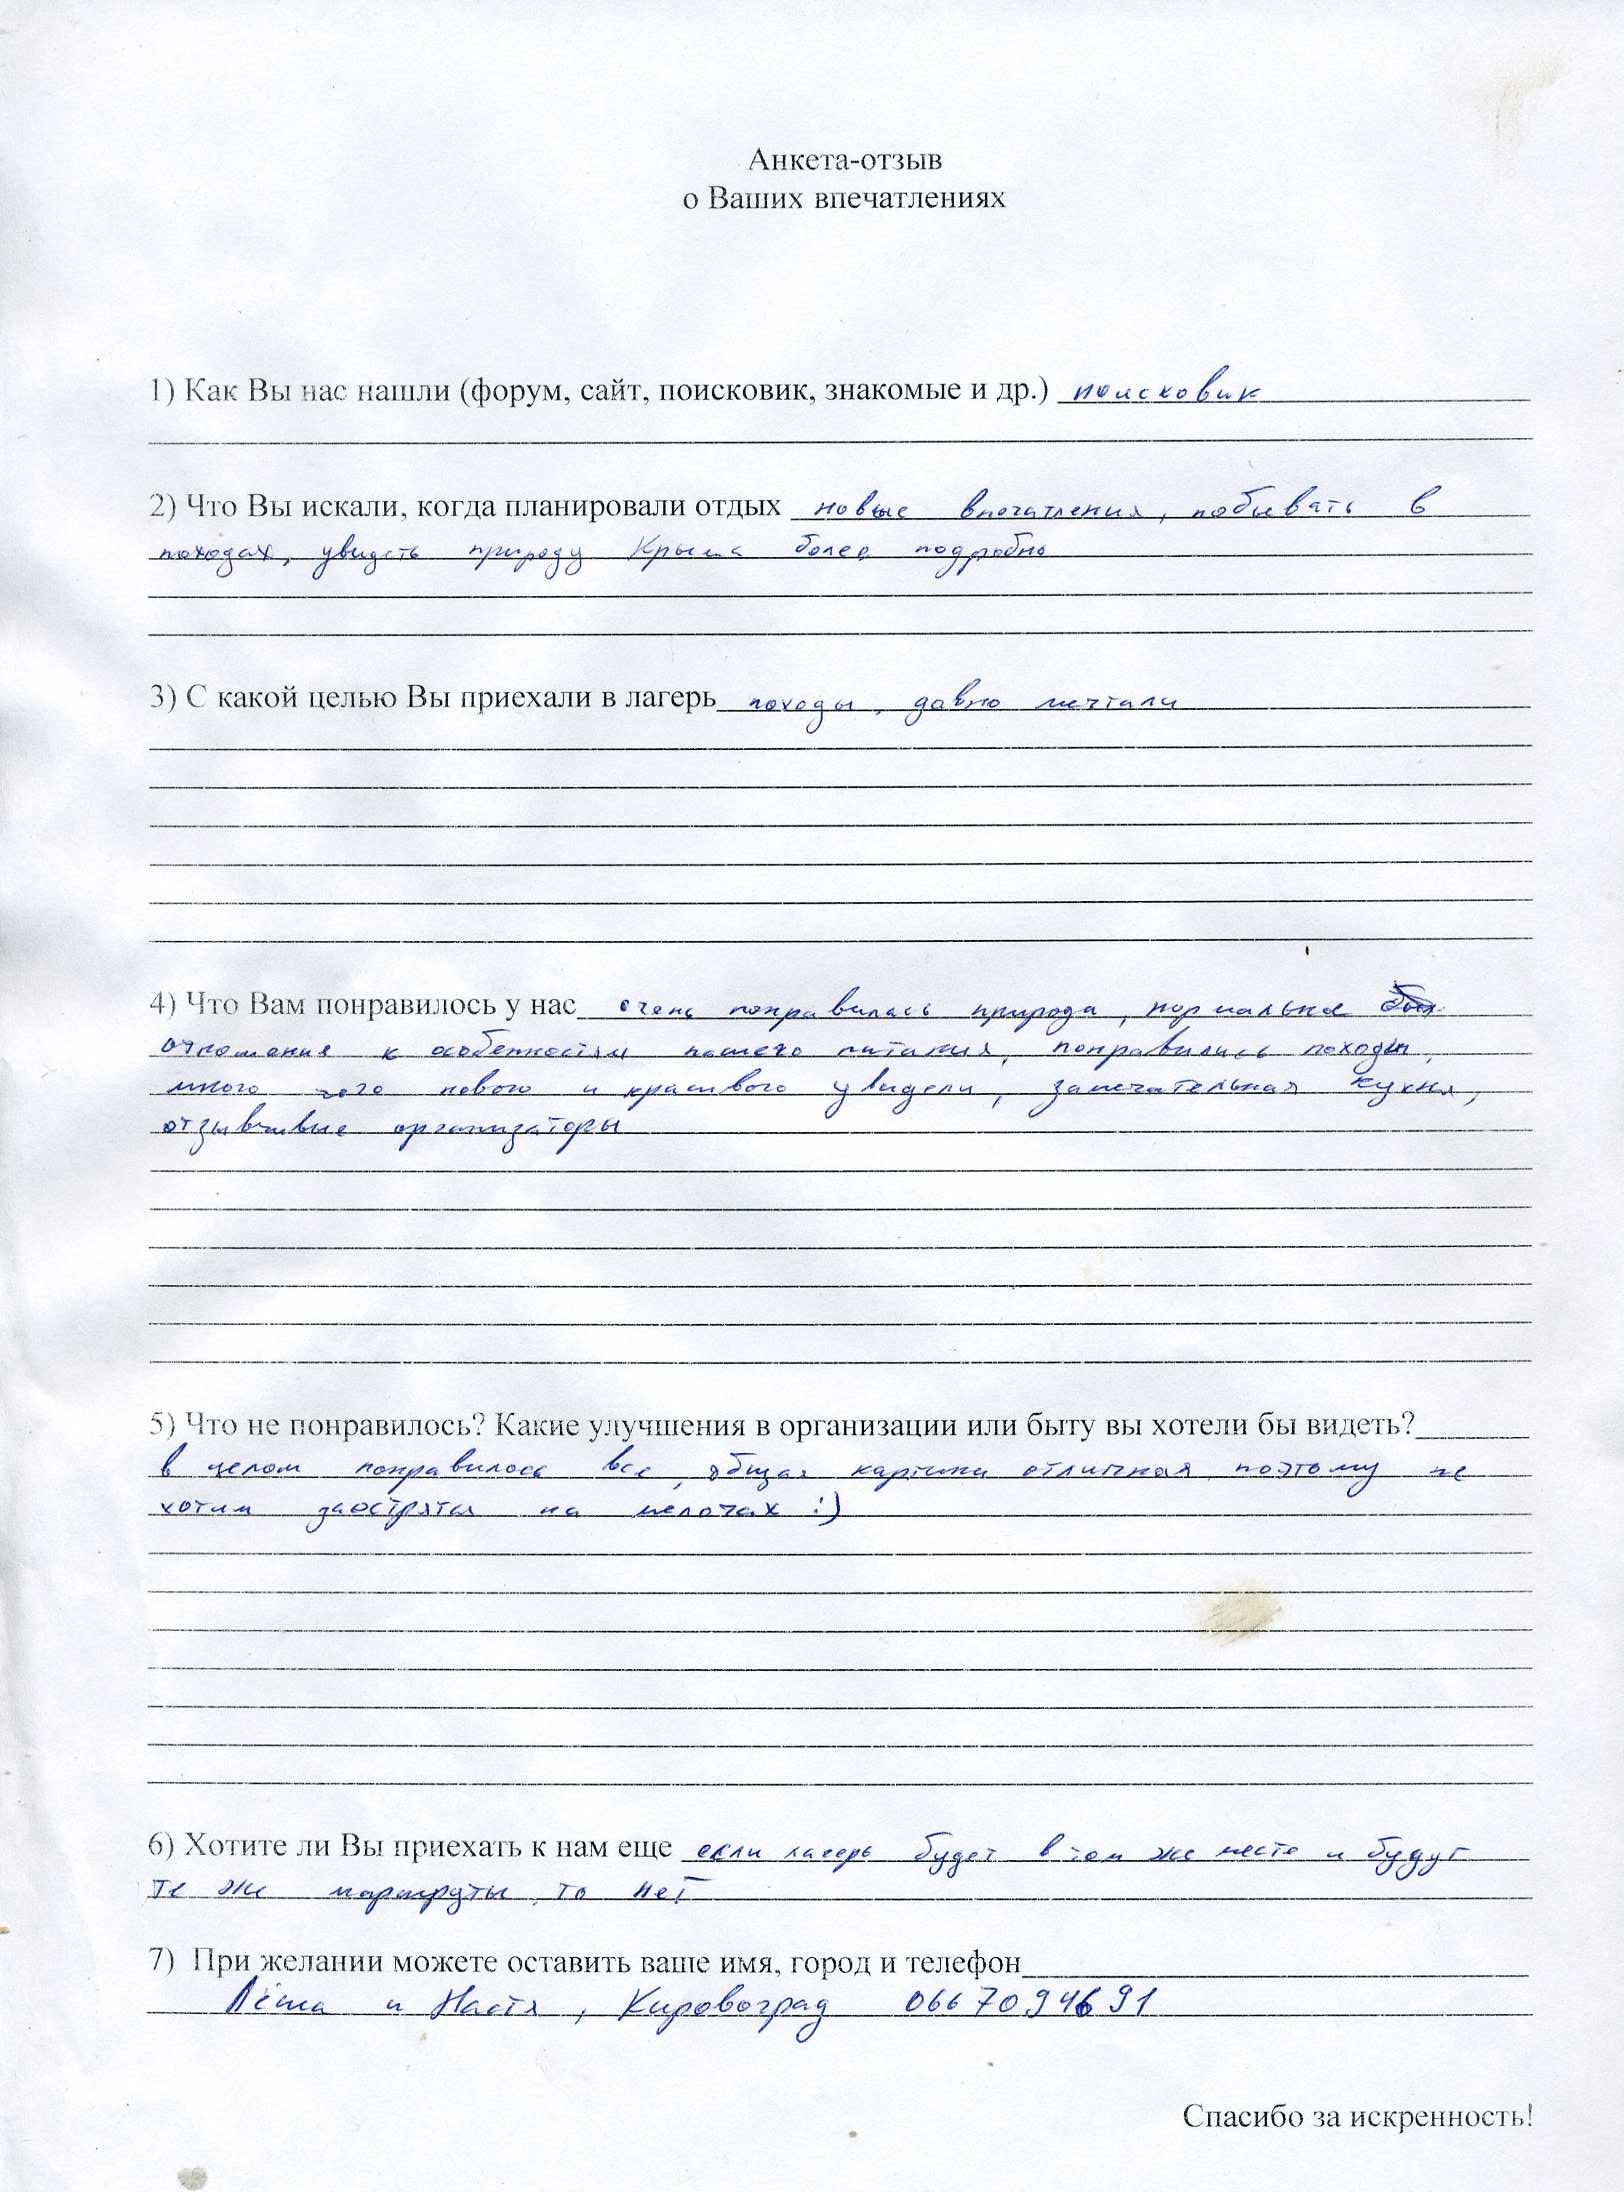 Отзыв об отдыхе в Крыму Алексея и Анастасии, г.Кировоград